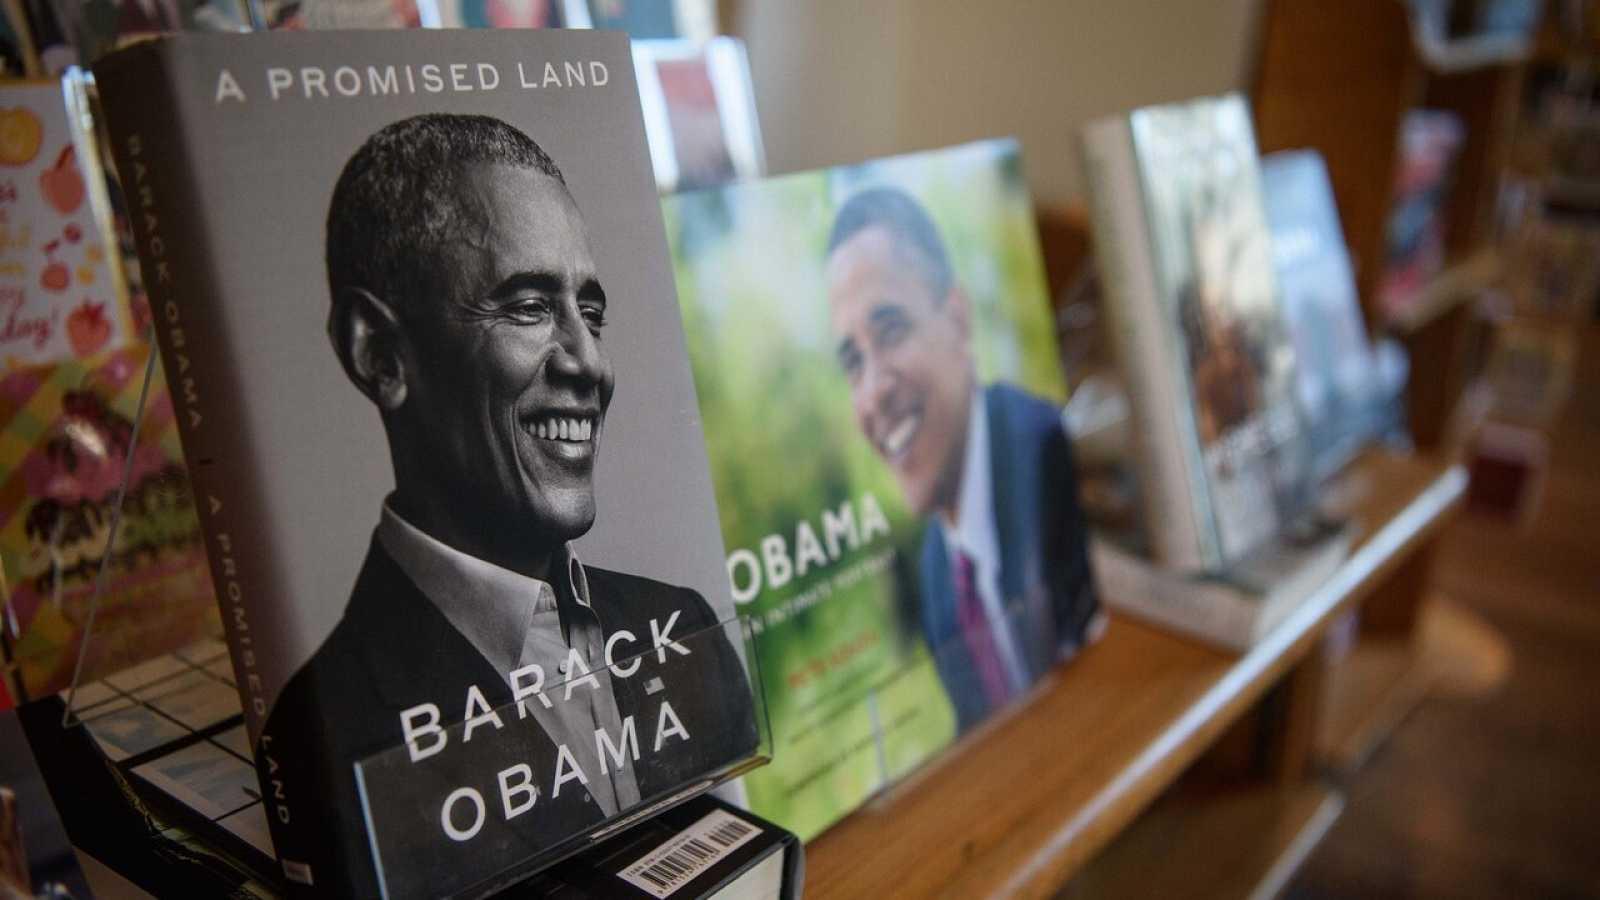 El libro del expresidente Obama, en una librería de Washington